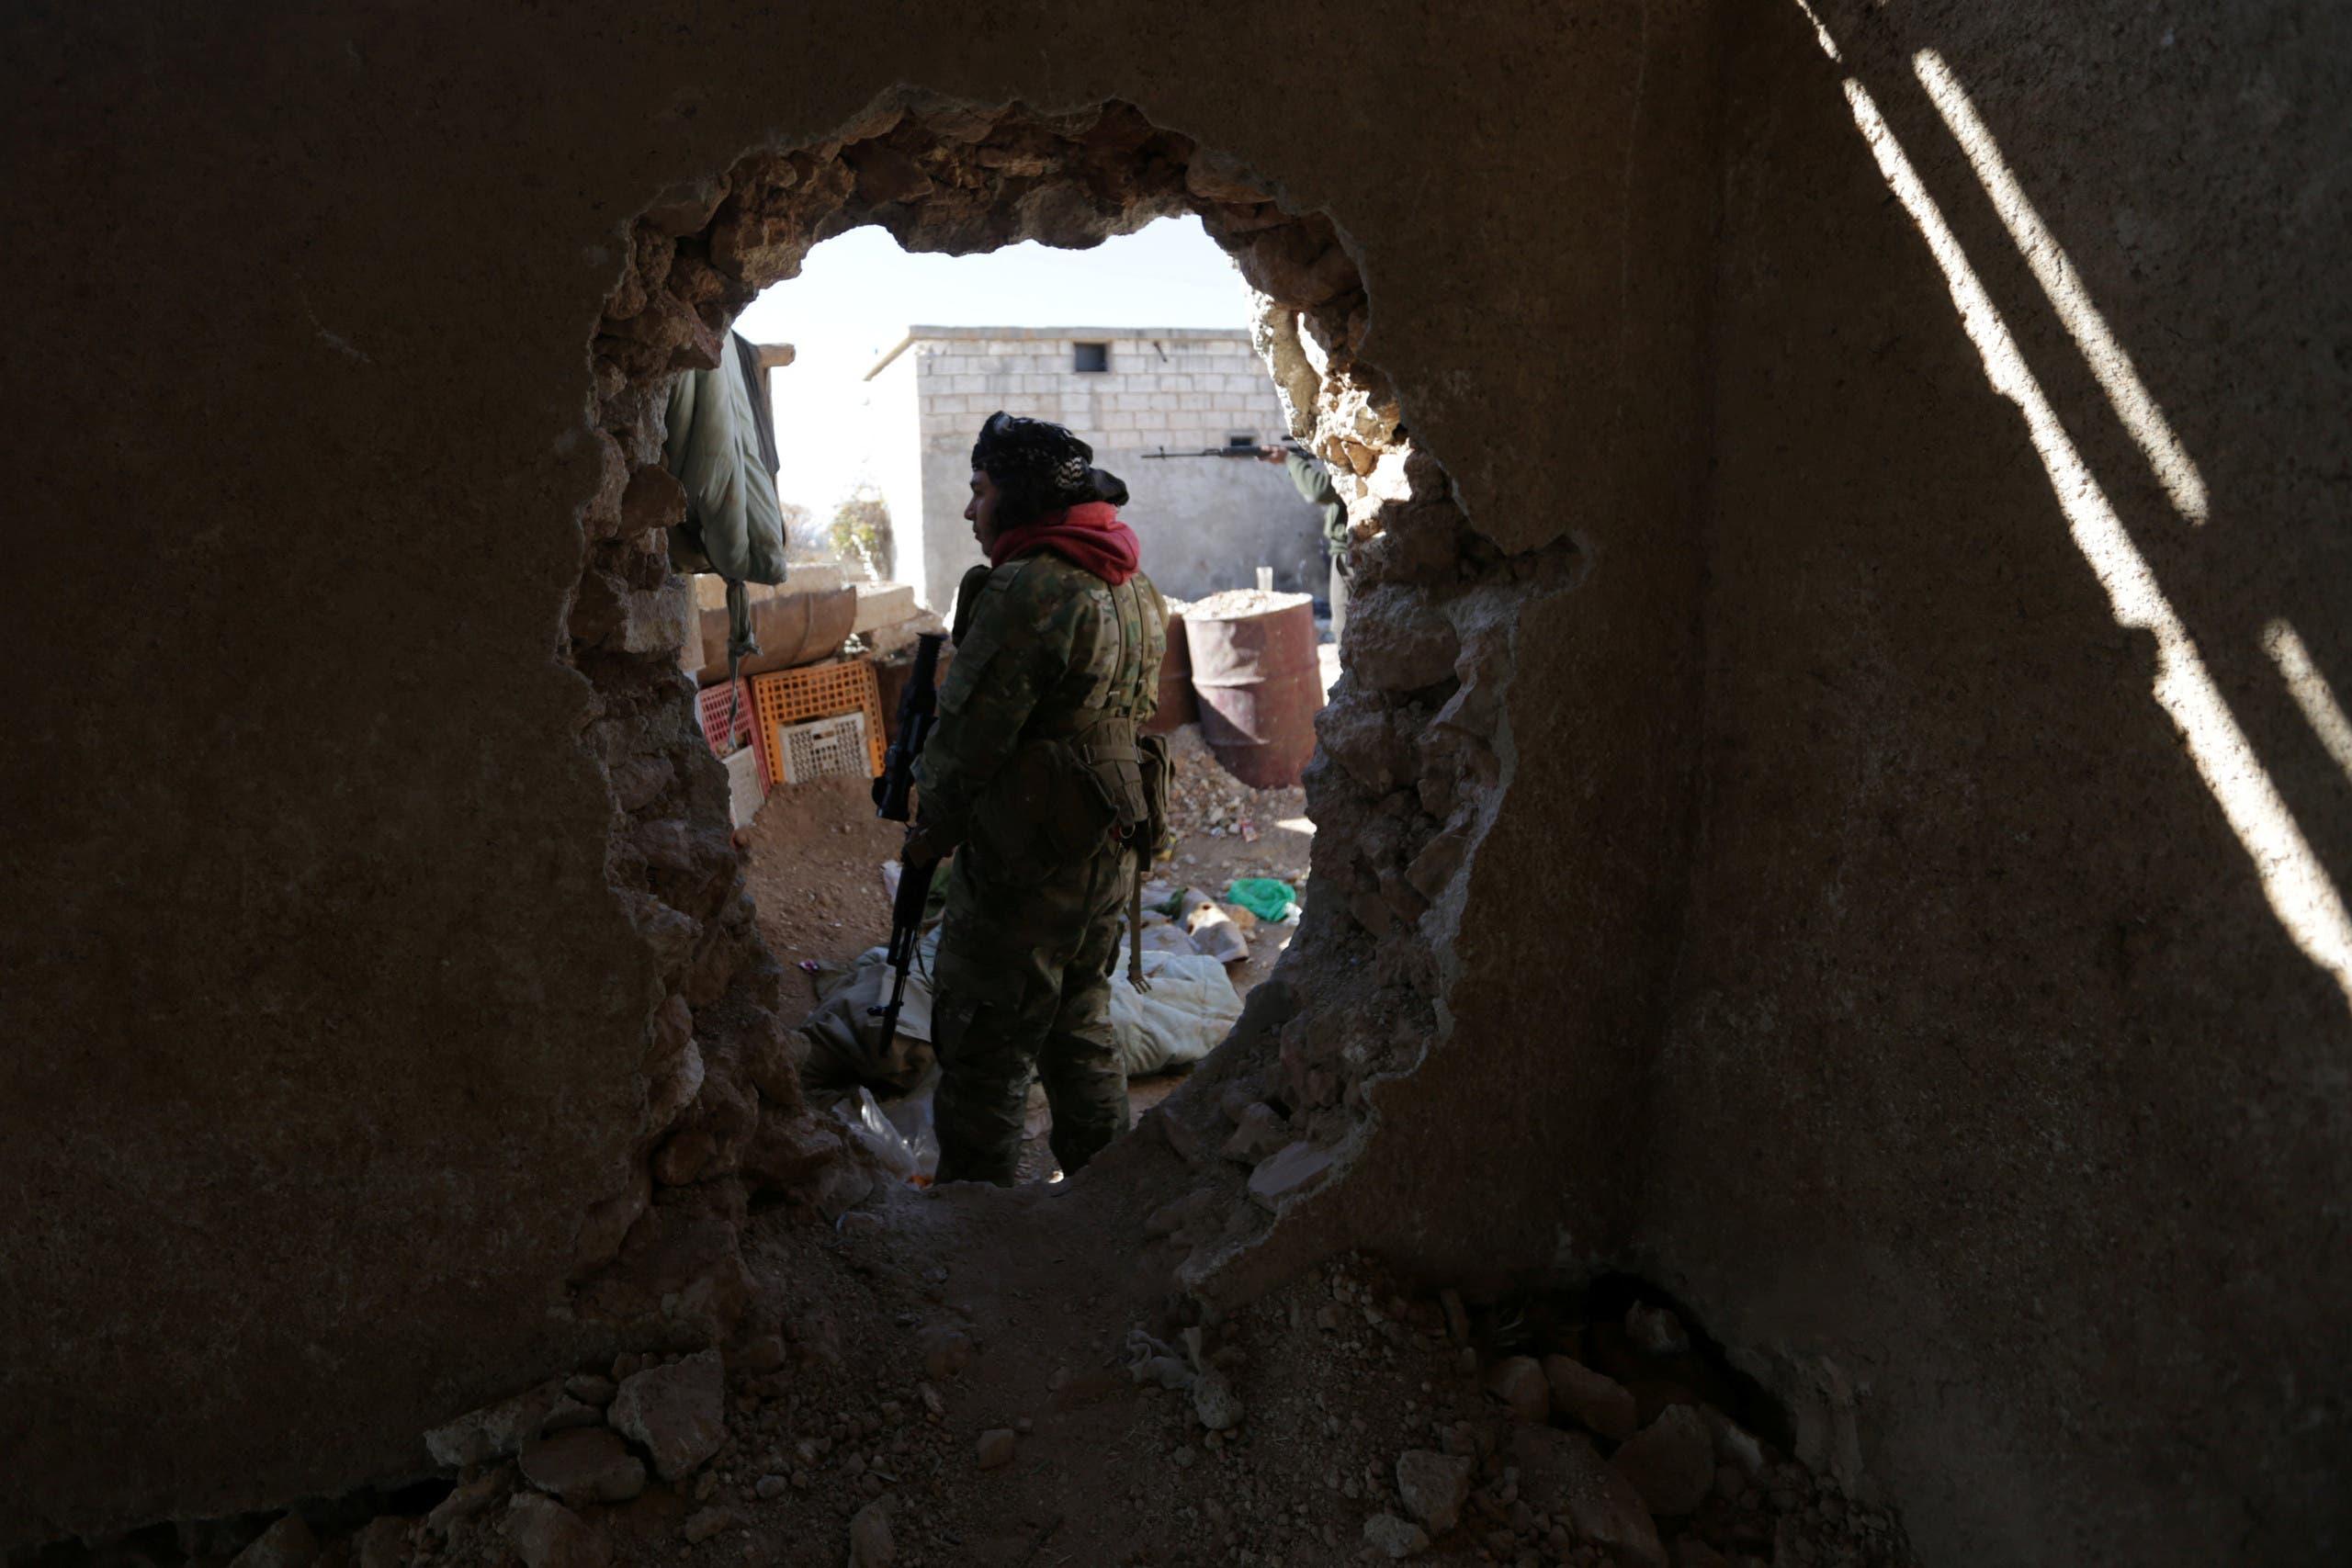 مقاتل من المعارضة يحمل سلاحه في محيط بلدة الباب (أرشيفية)